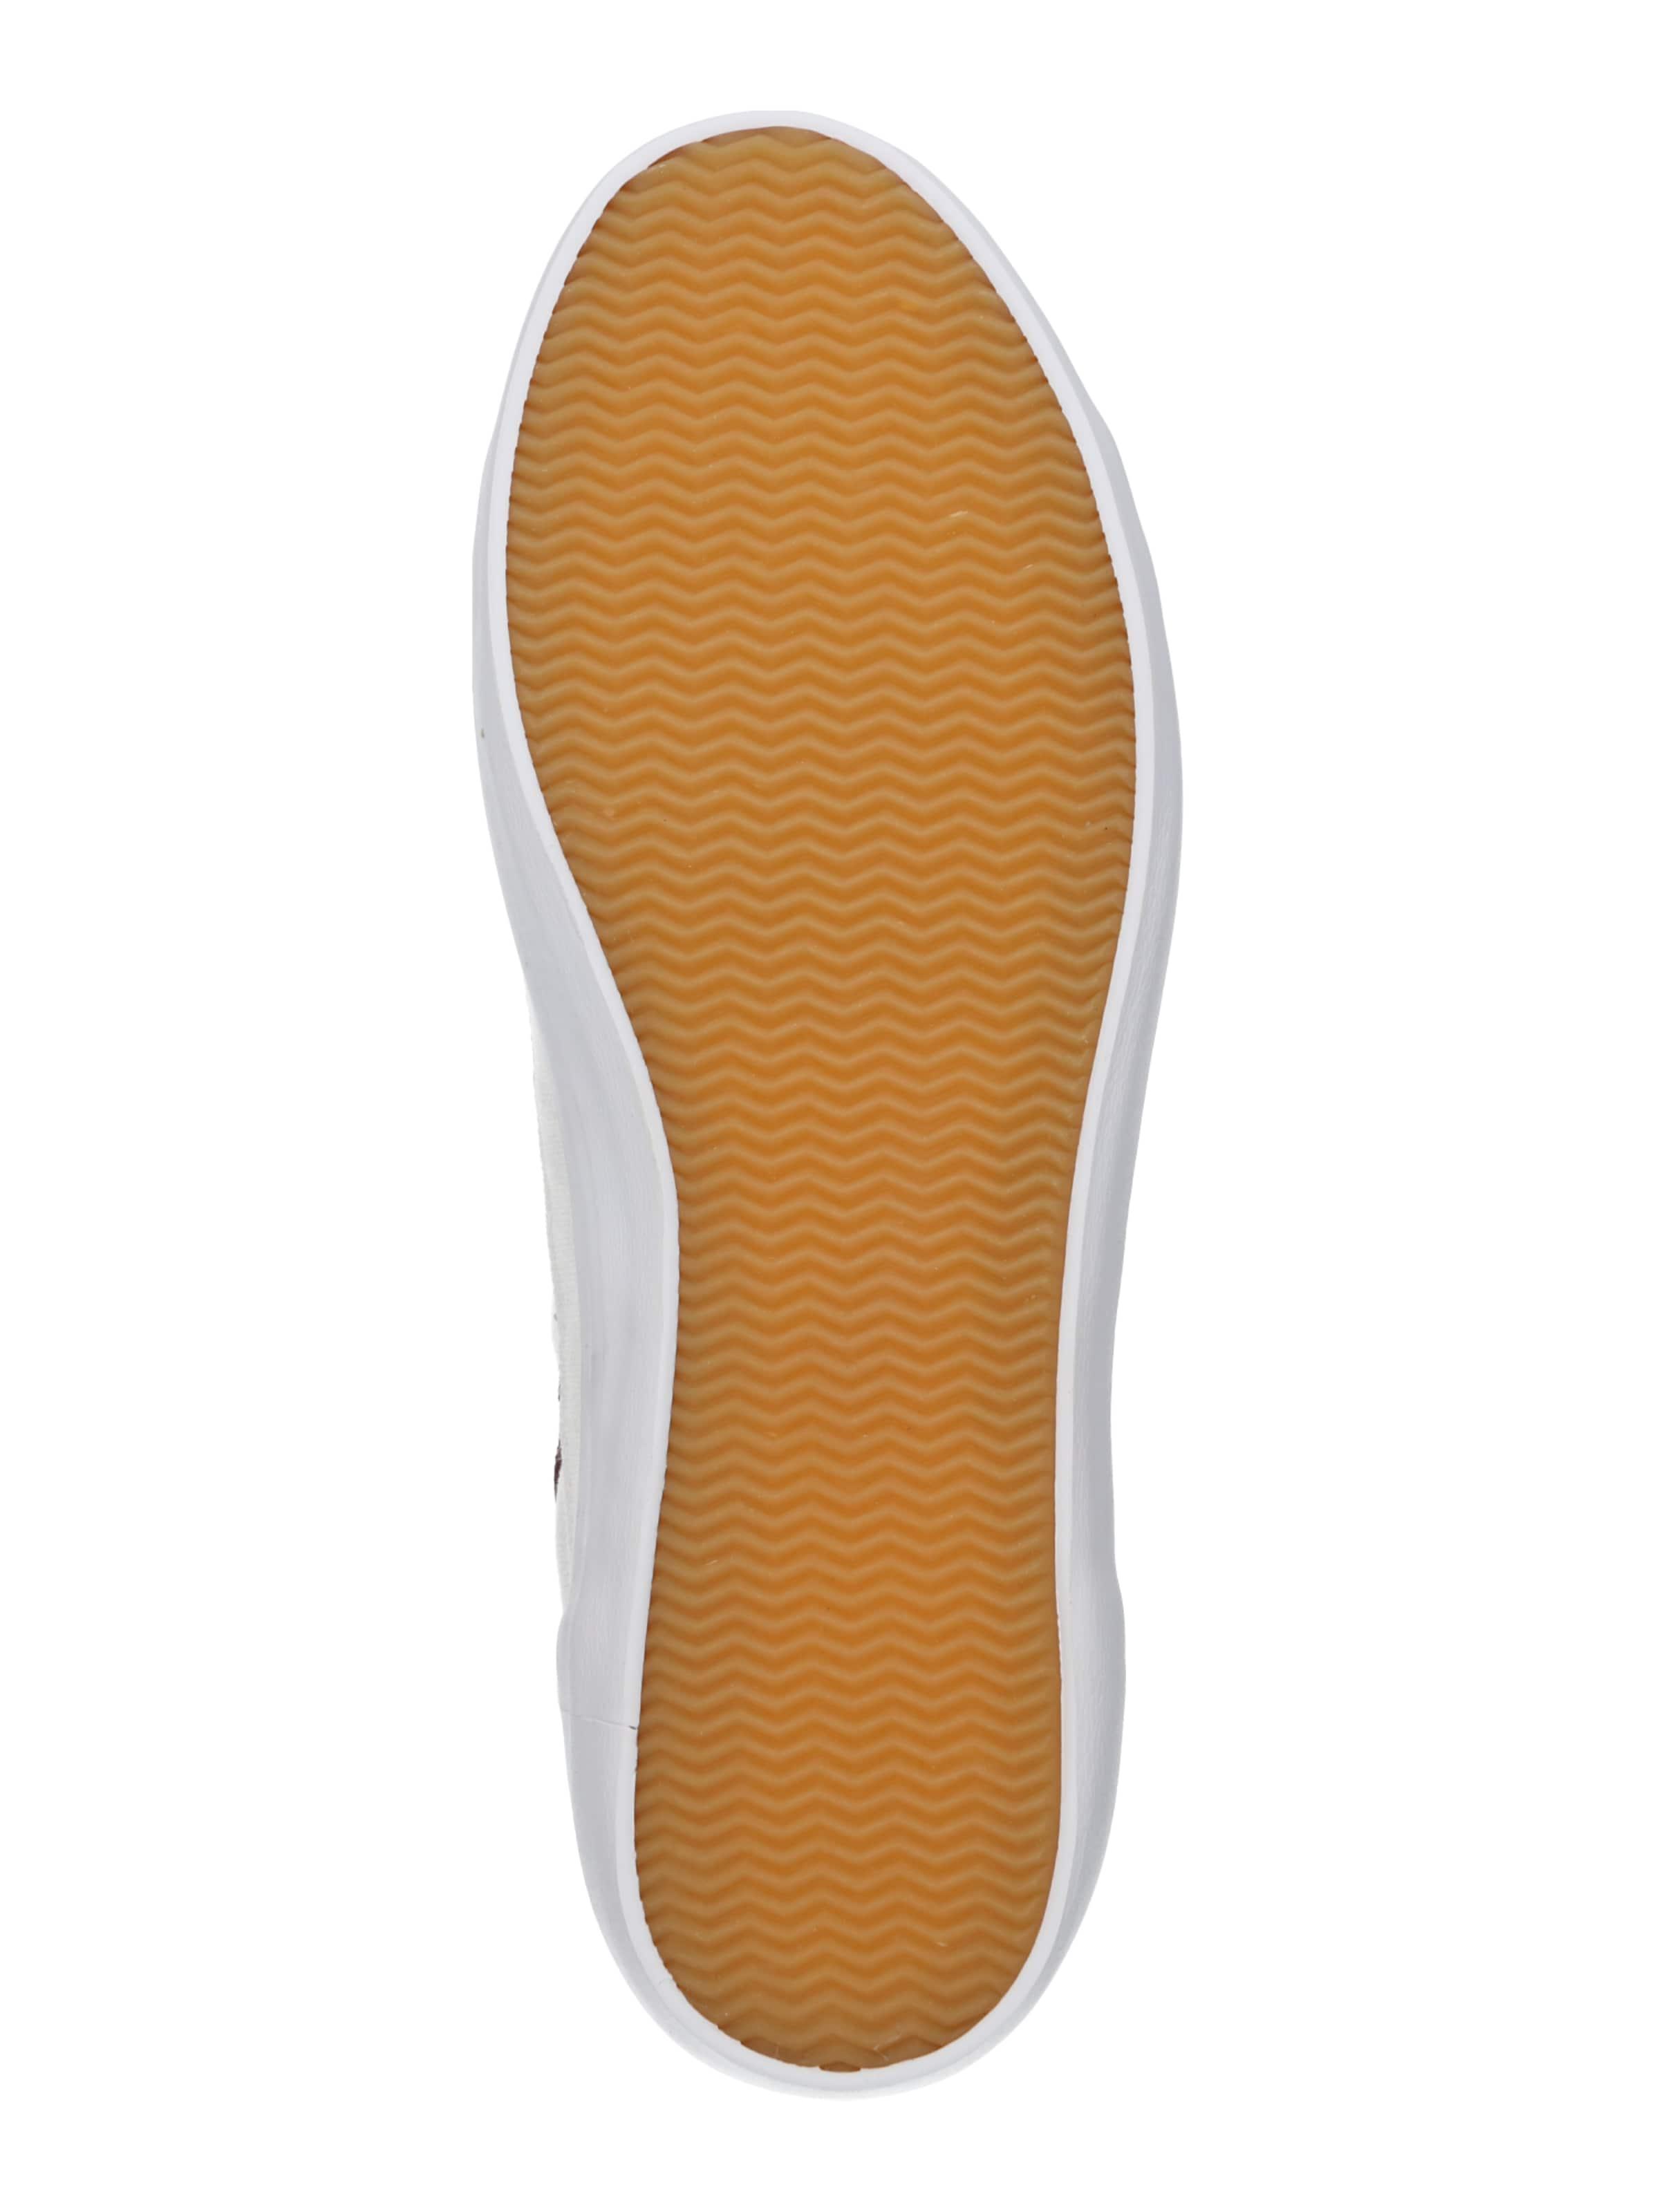 Cma' Lacoste 319 In 'sideline Sneaker 4 Weiß sQrhdt